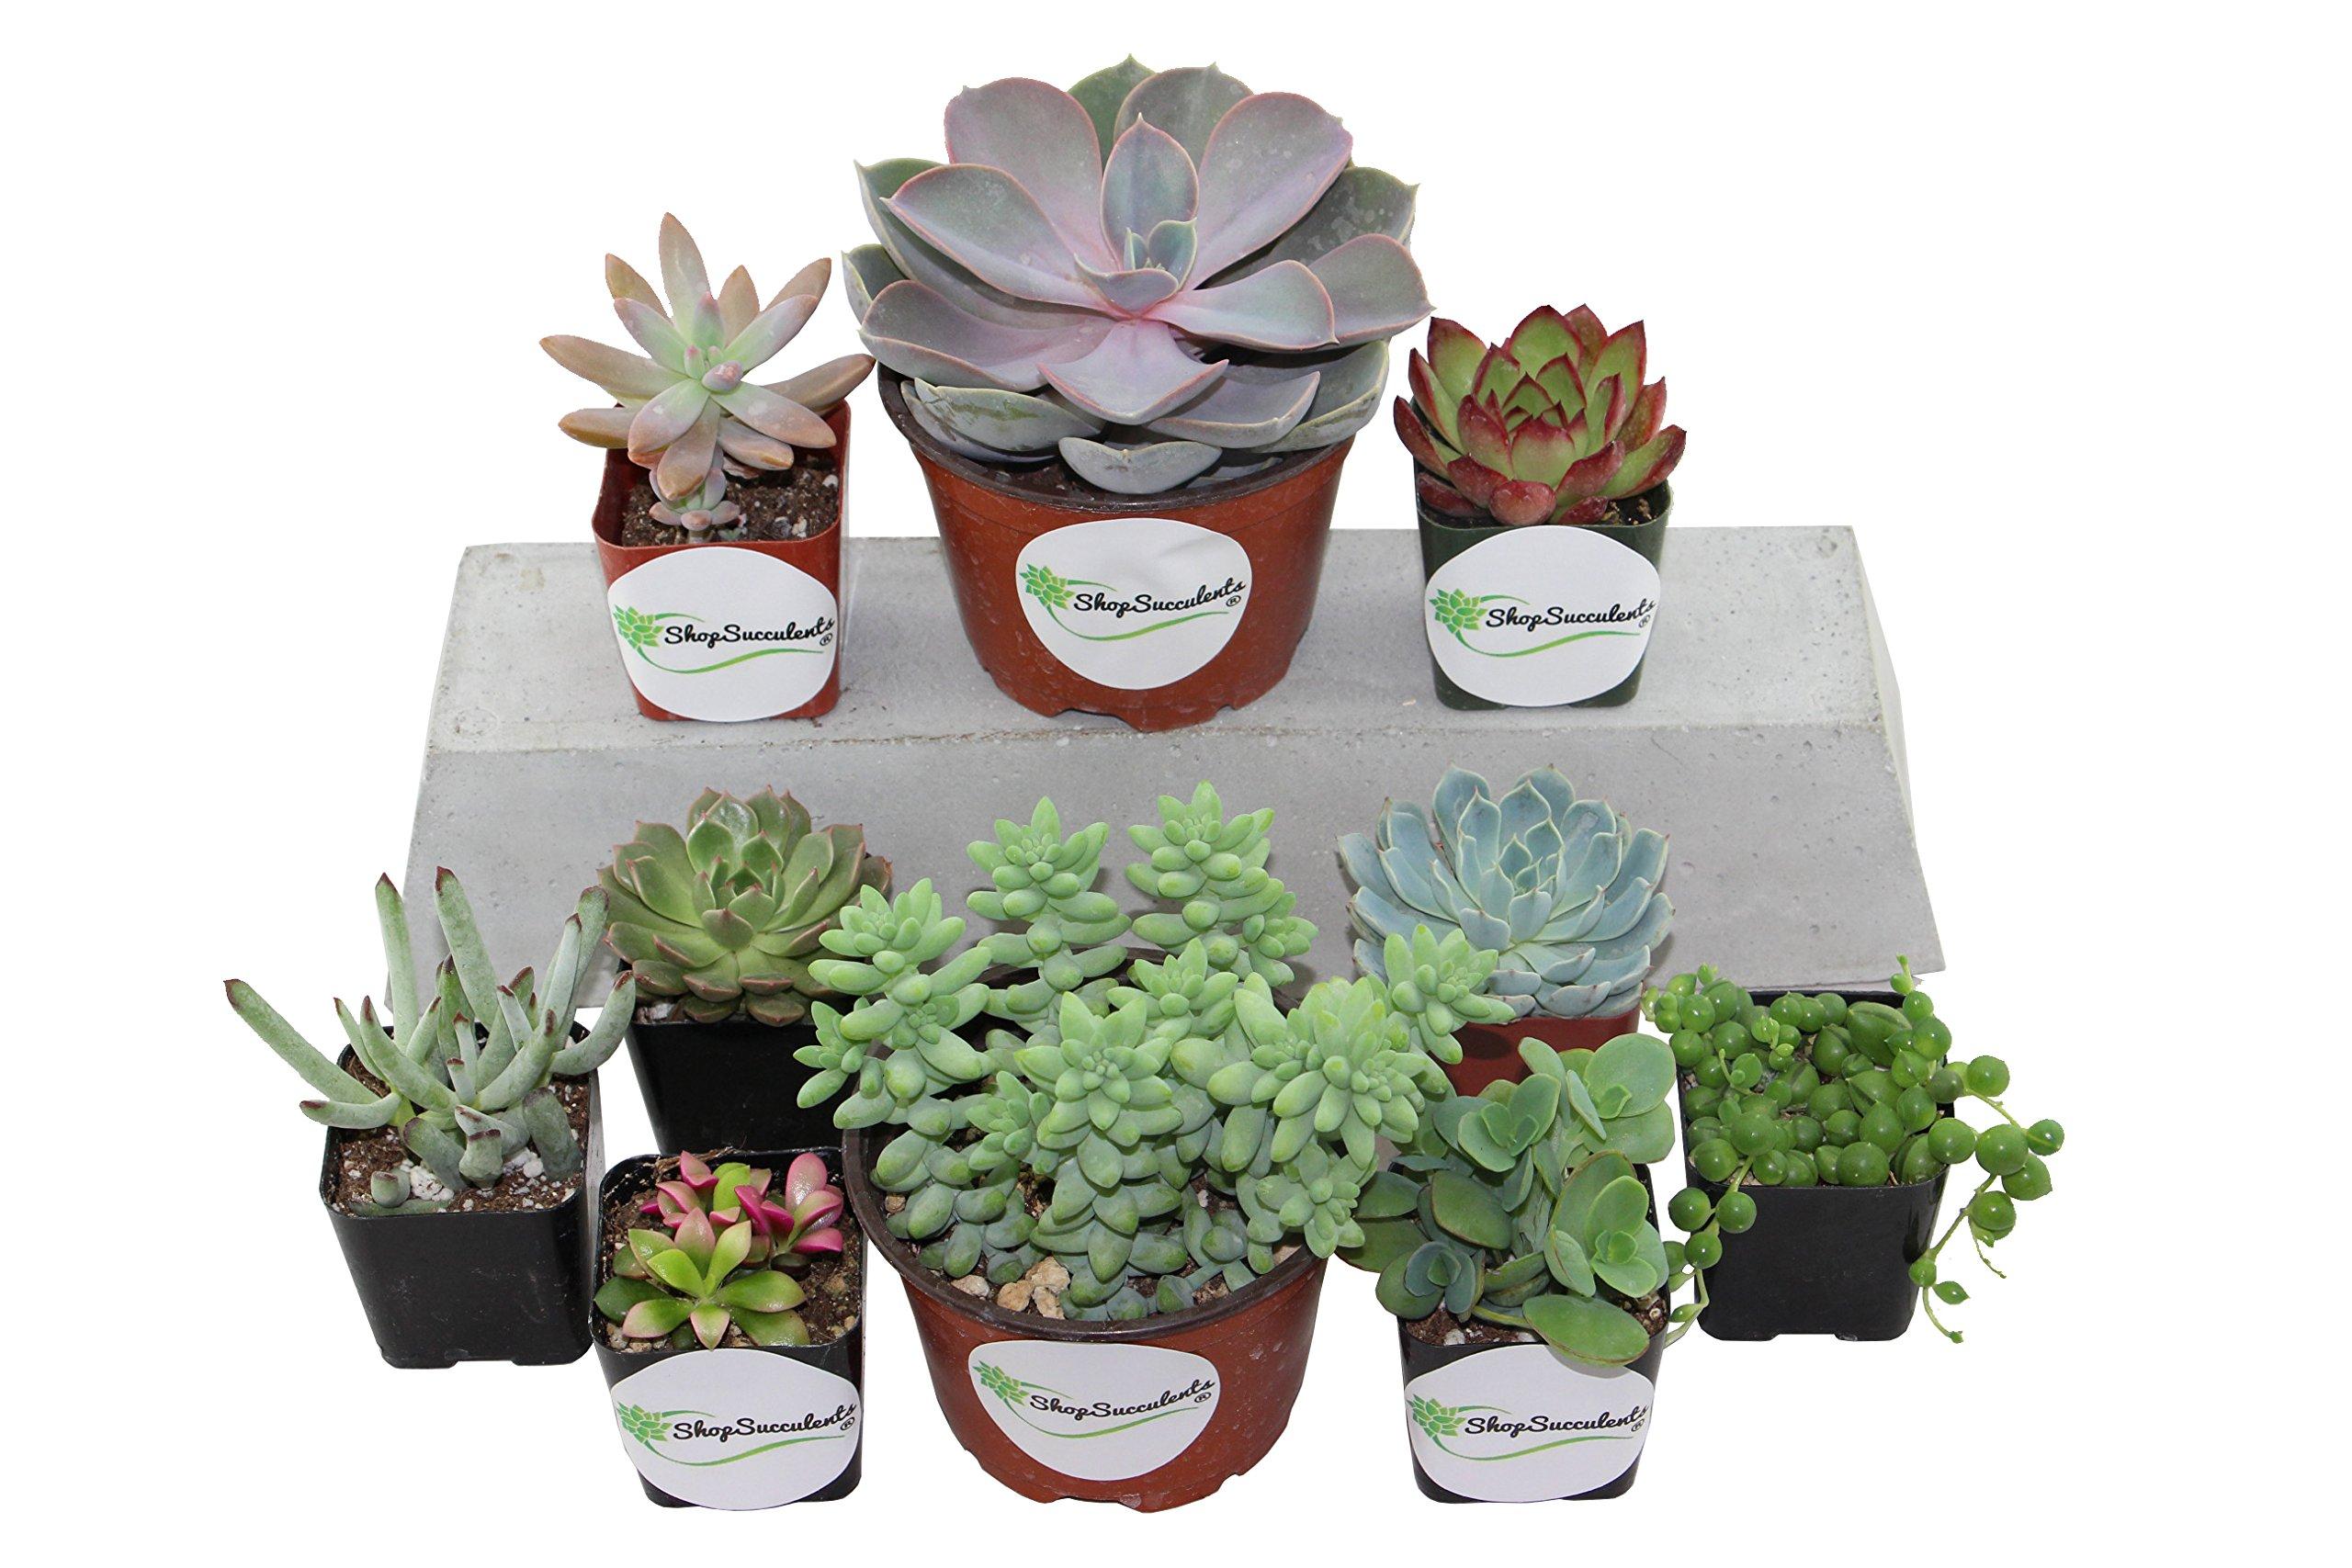 Shop Succulents Assorted Succulents 2'' & 4'' Combo Pack (10, 8x2'' Plants 2x4'' Plants)